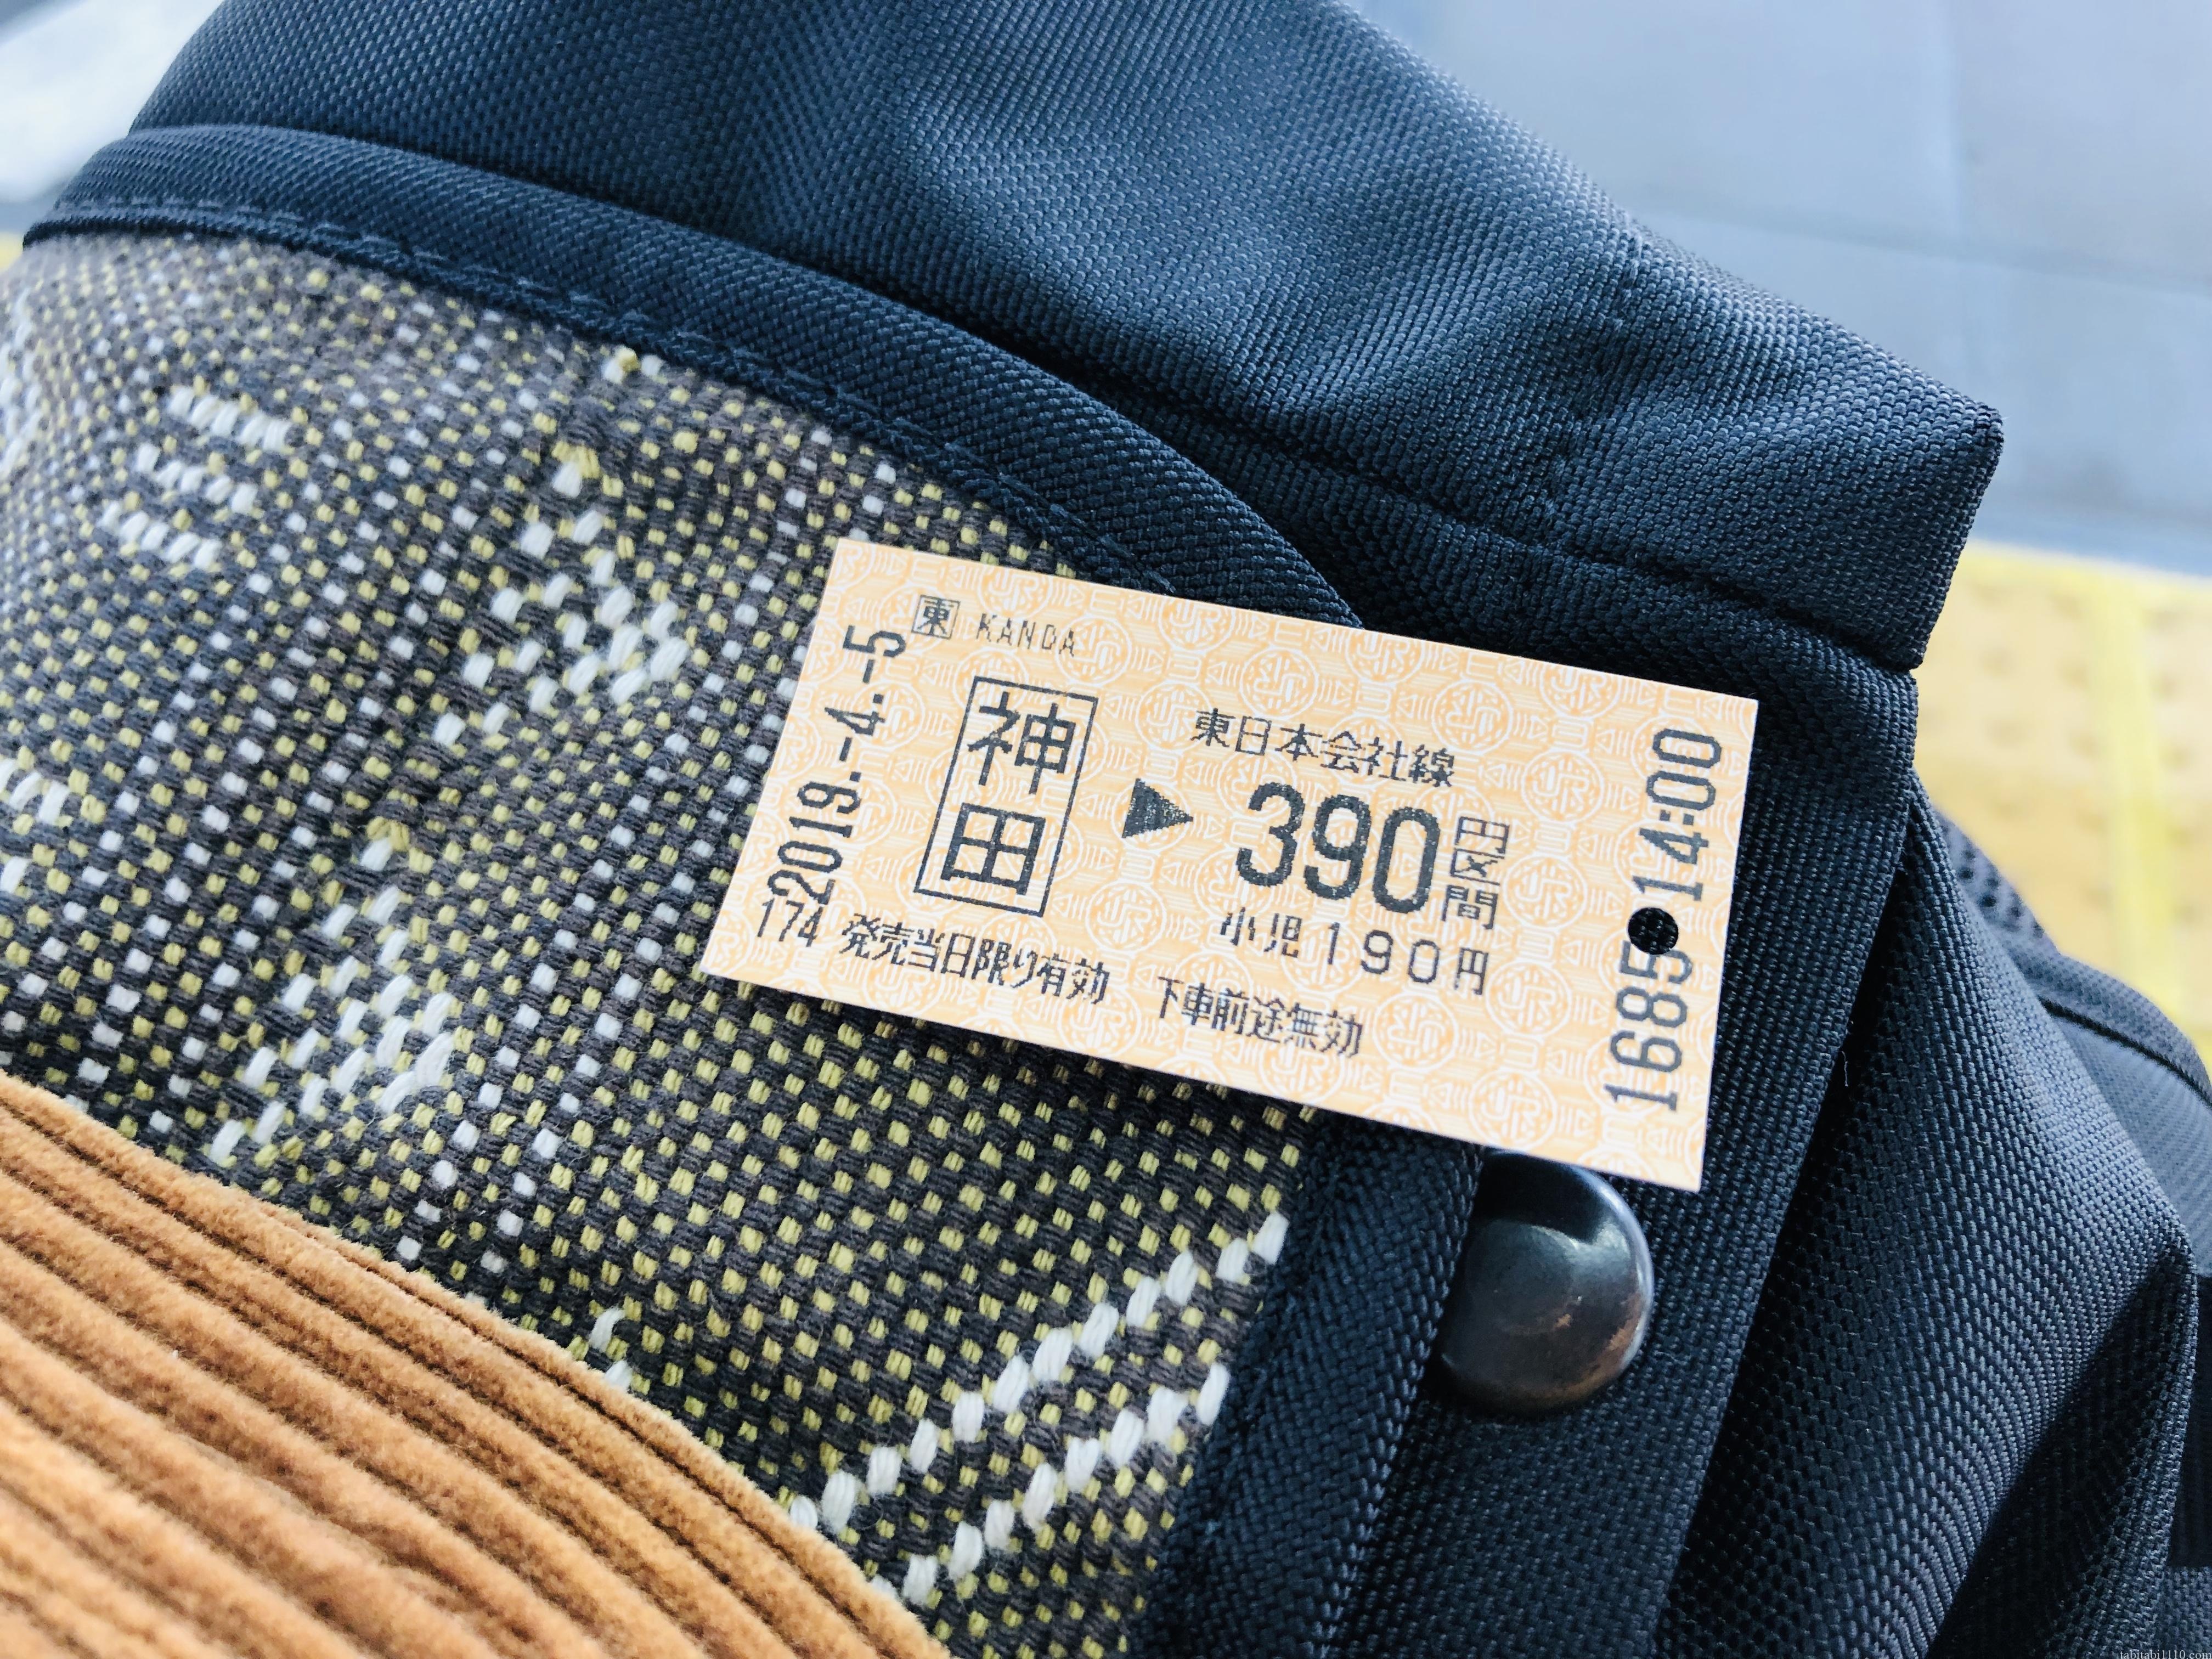 日本の切符